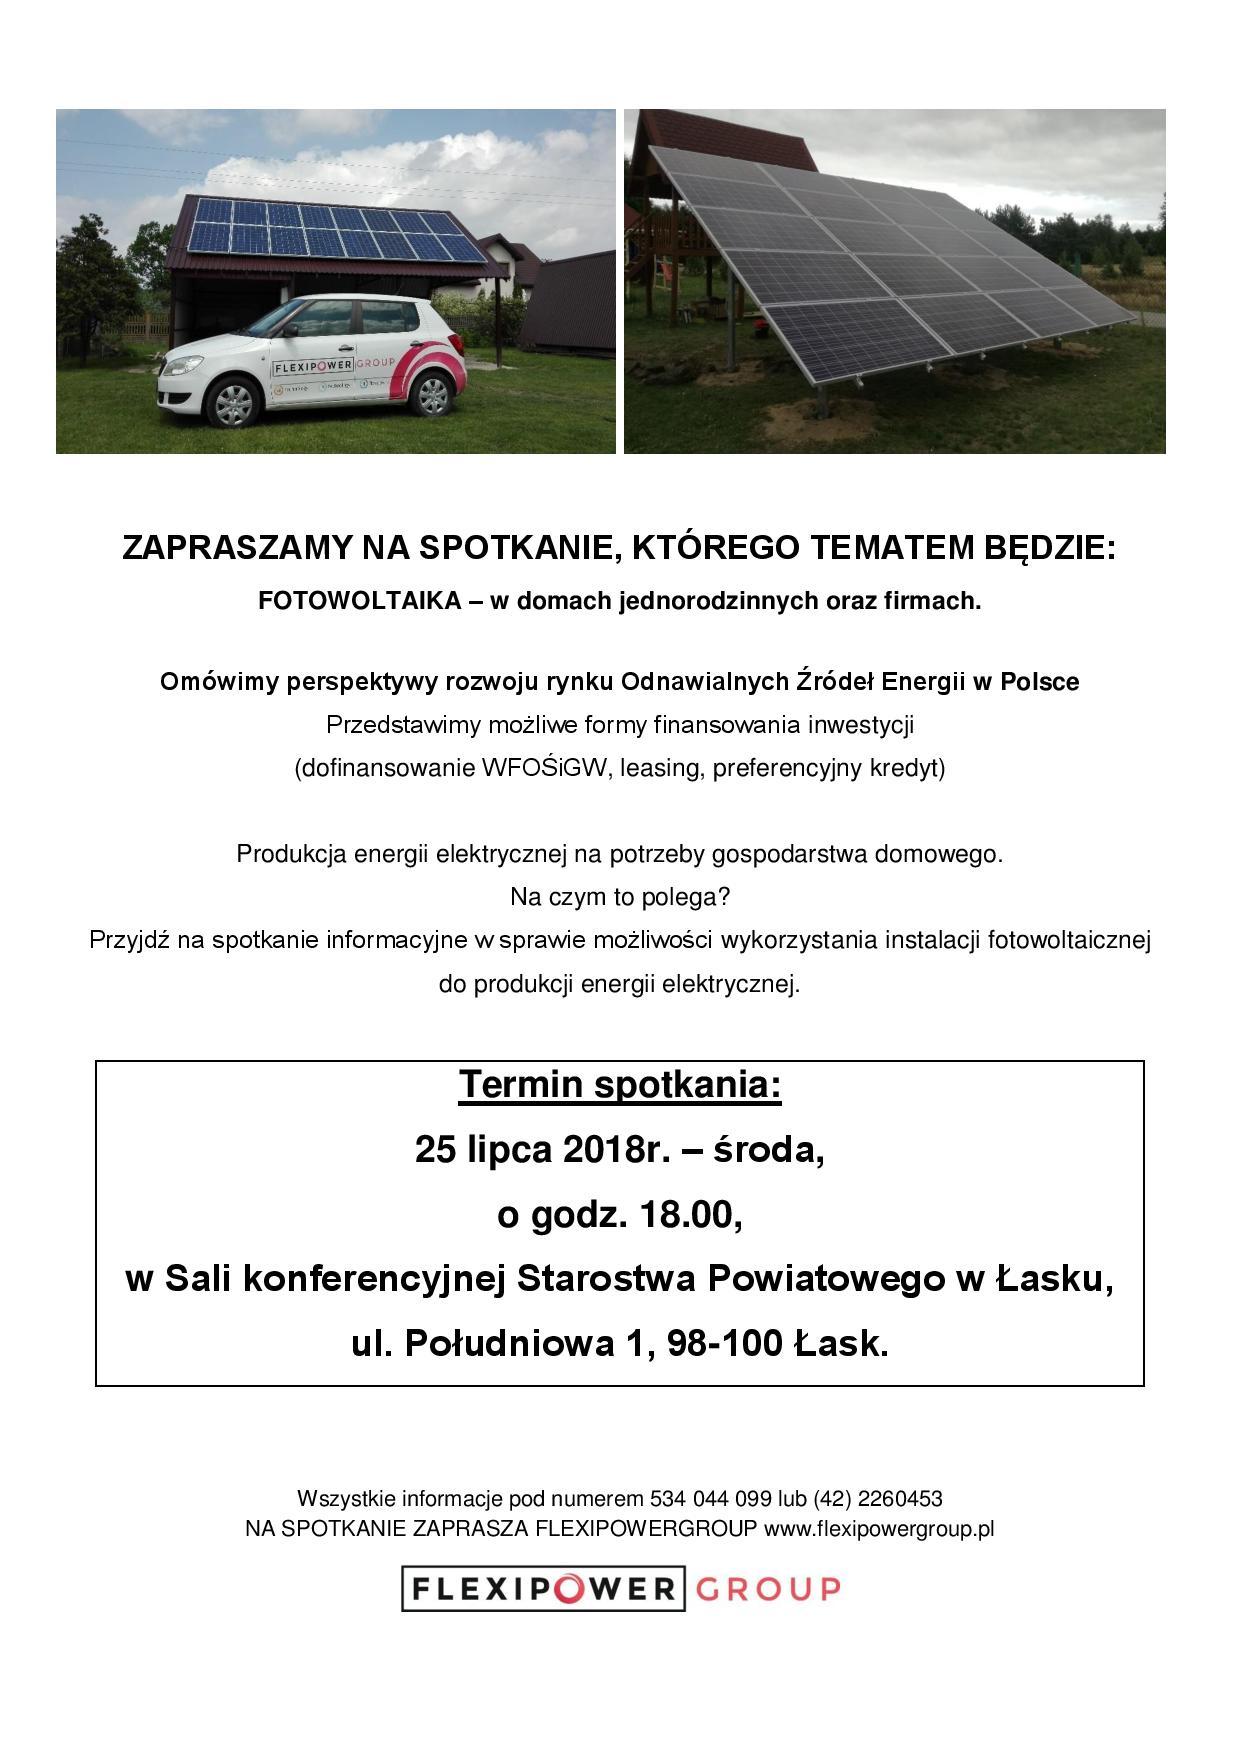 Zaproszenie na spotkanie w Starostwie Powiatowym w Łasku.